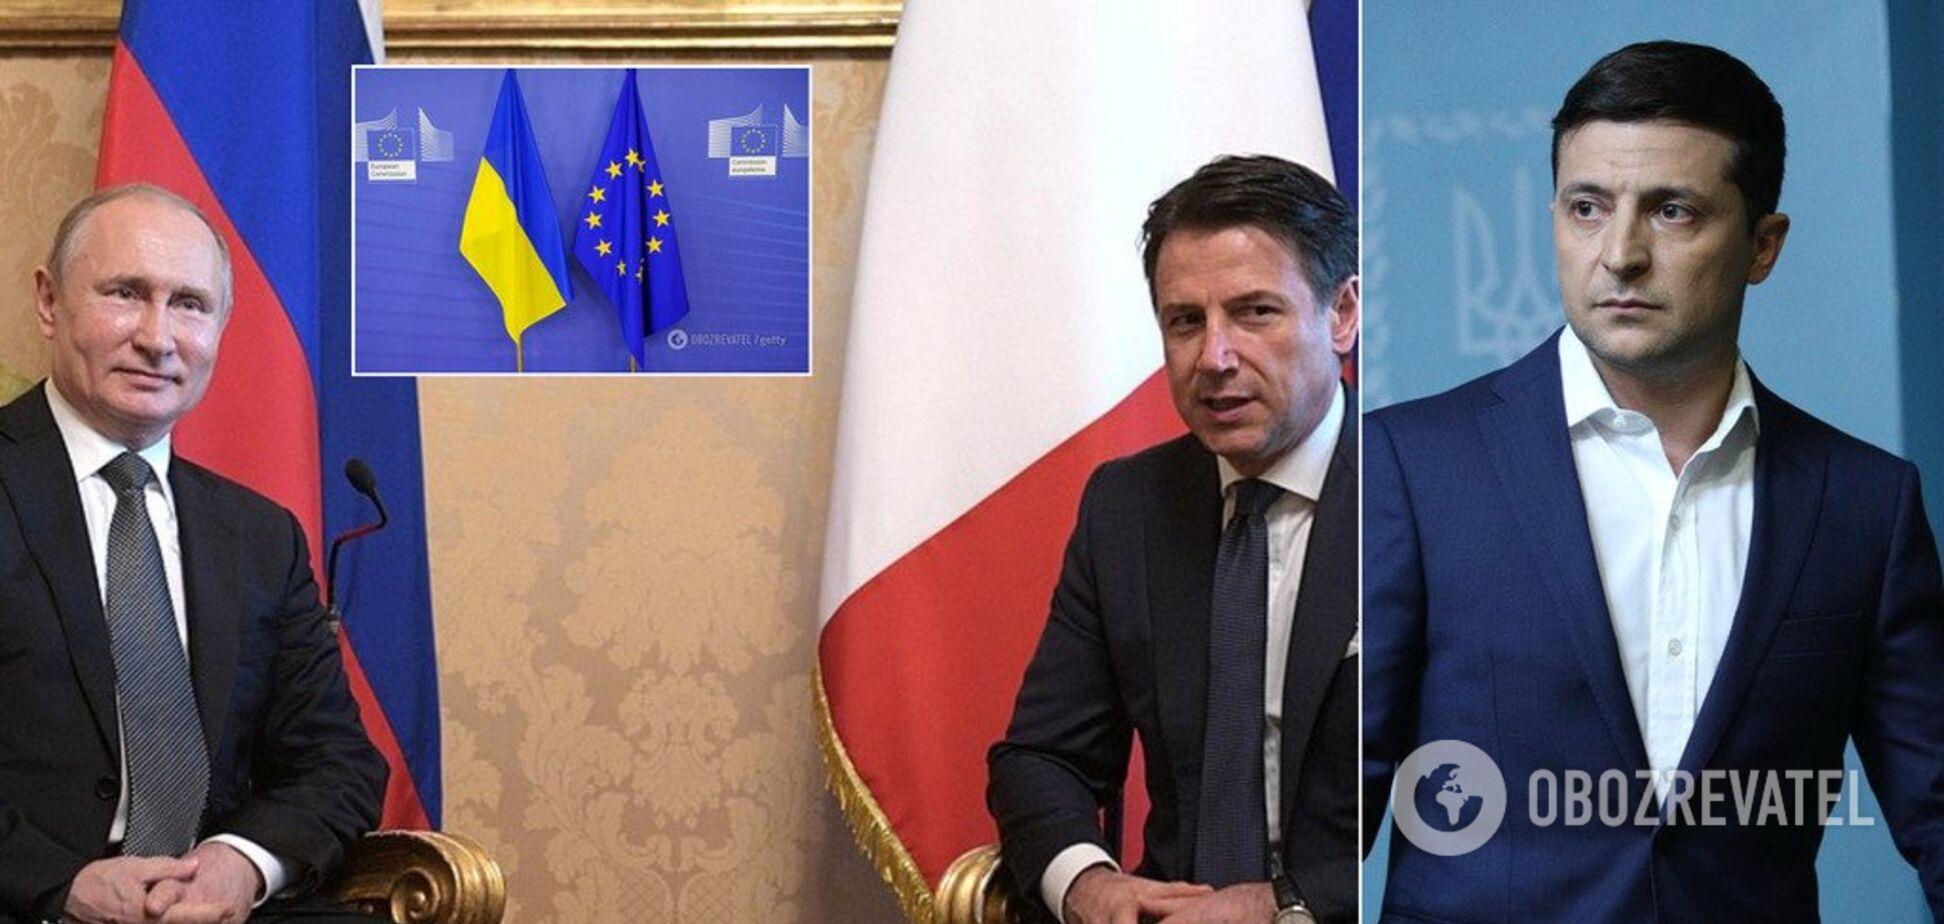 Начало конца? В Европе поднимается волна за снятие санкций с России